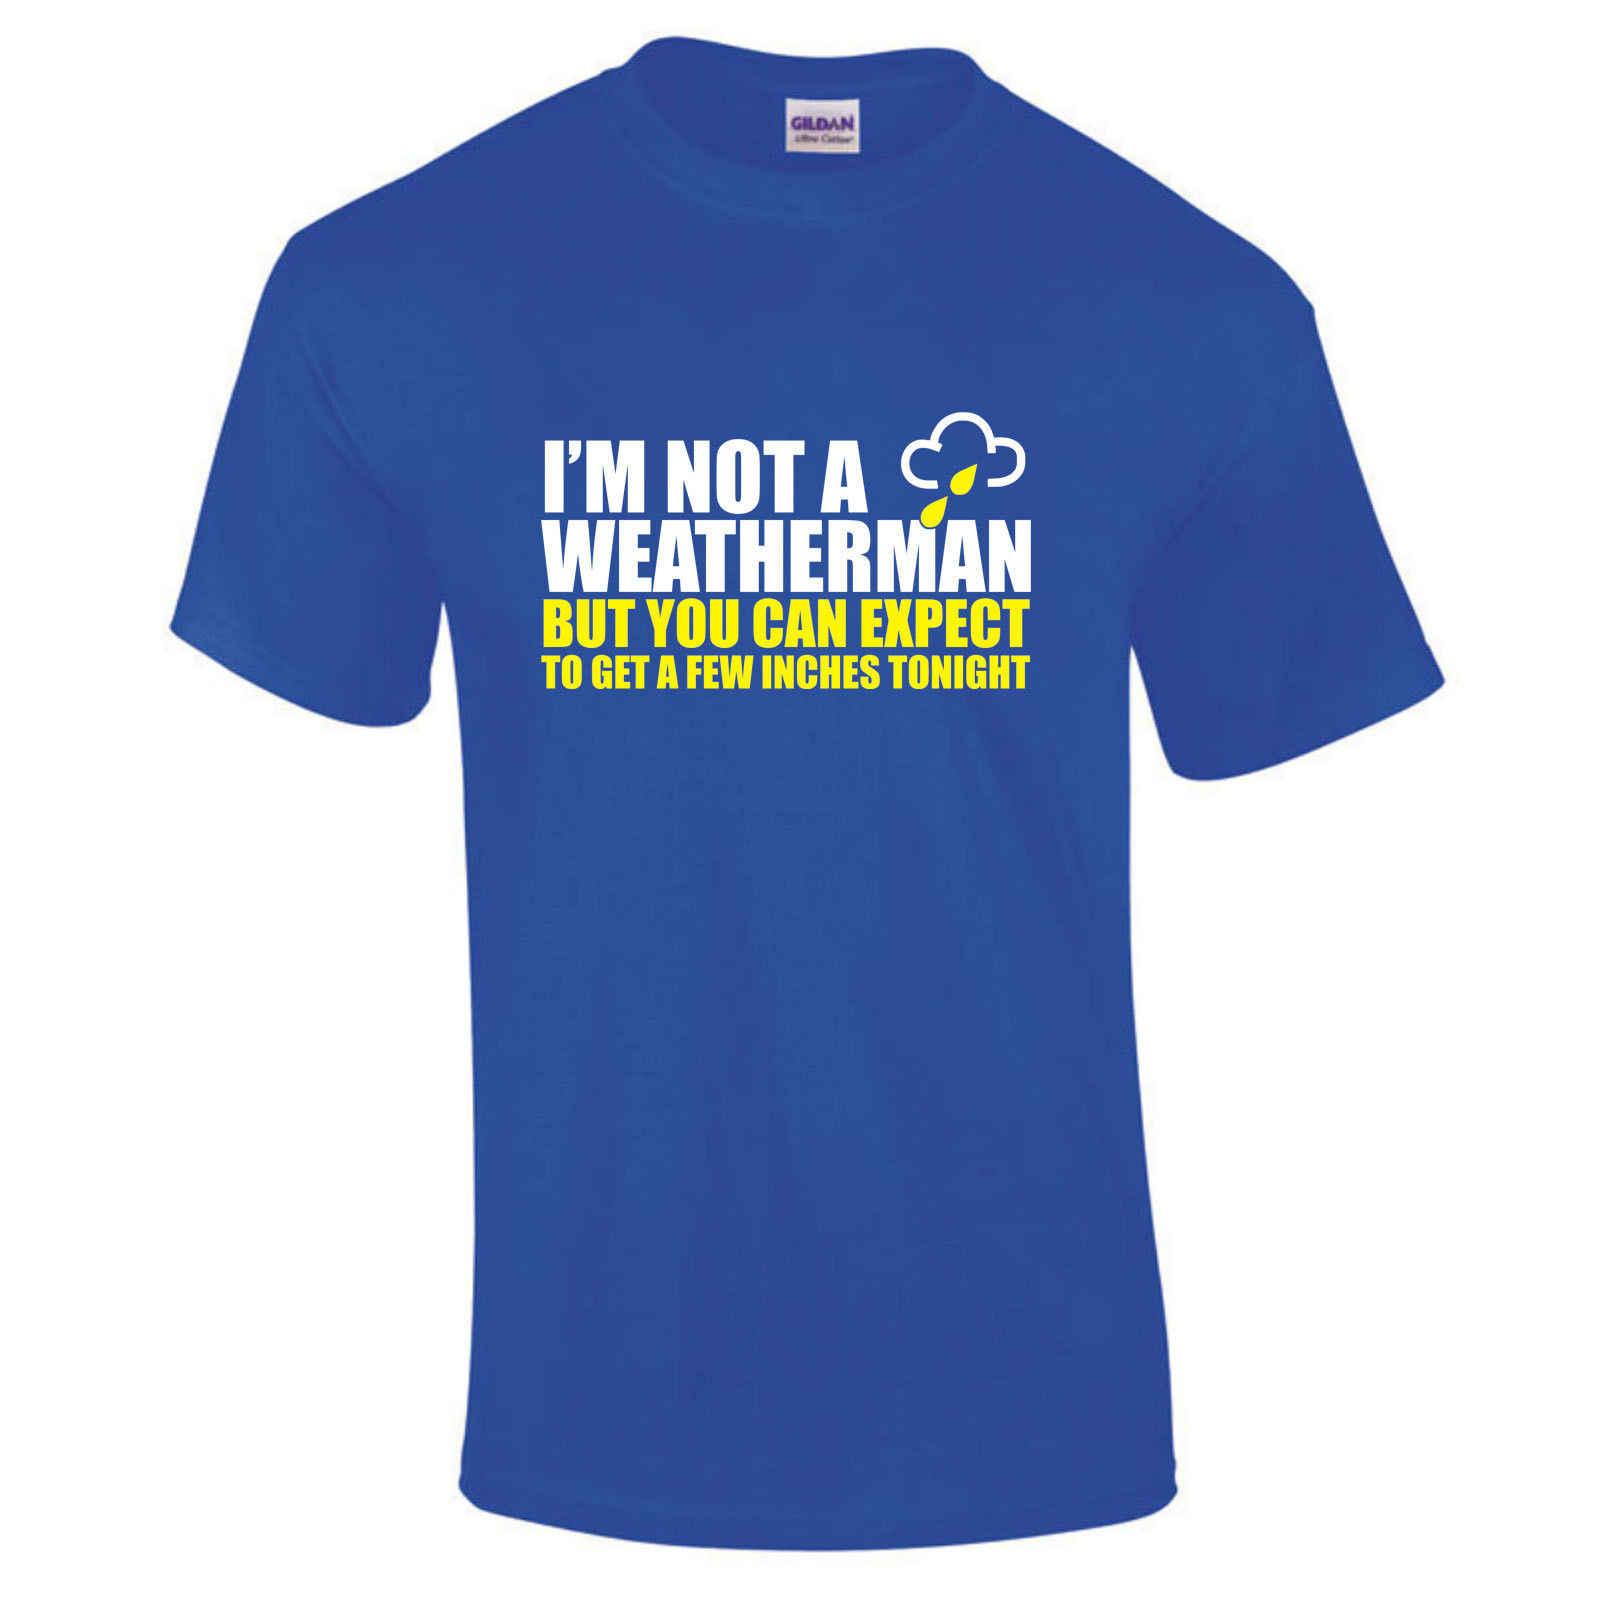 ฉันไม่มี Weatherman - คาดหวังไม่กี่นิ้วคืนนี้ตลกเสื้อยืด Hand Made UK S-5XL ใหม่ T เสื้อตลกเสื้อใหม่ Unisex ตลก